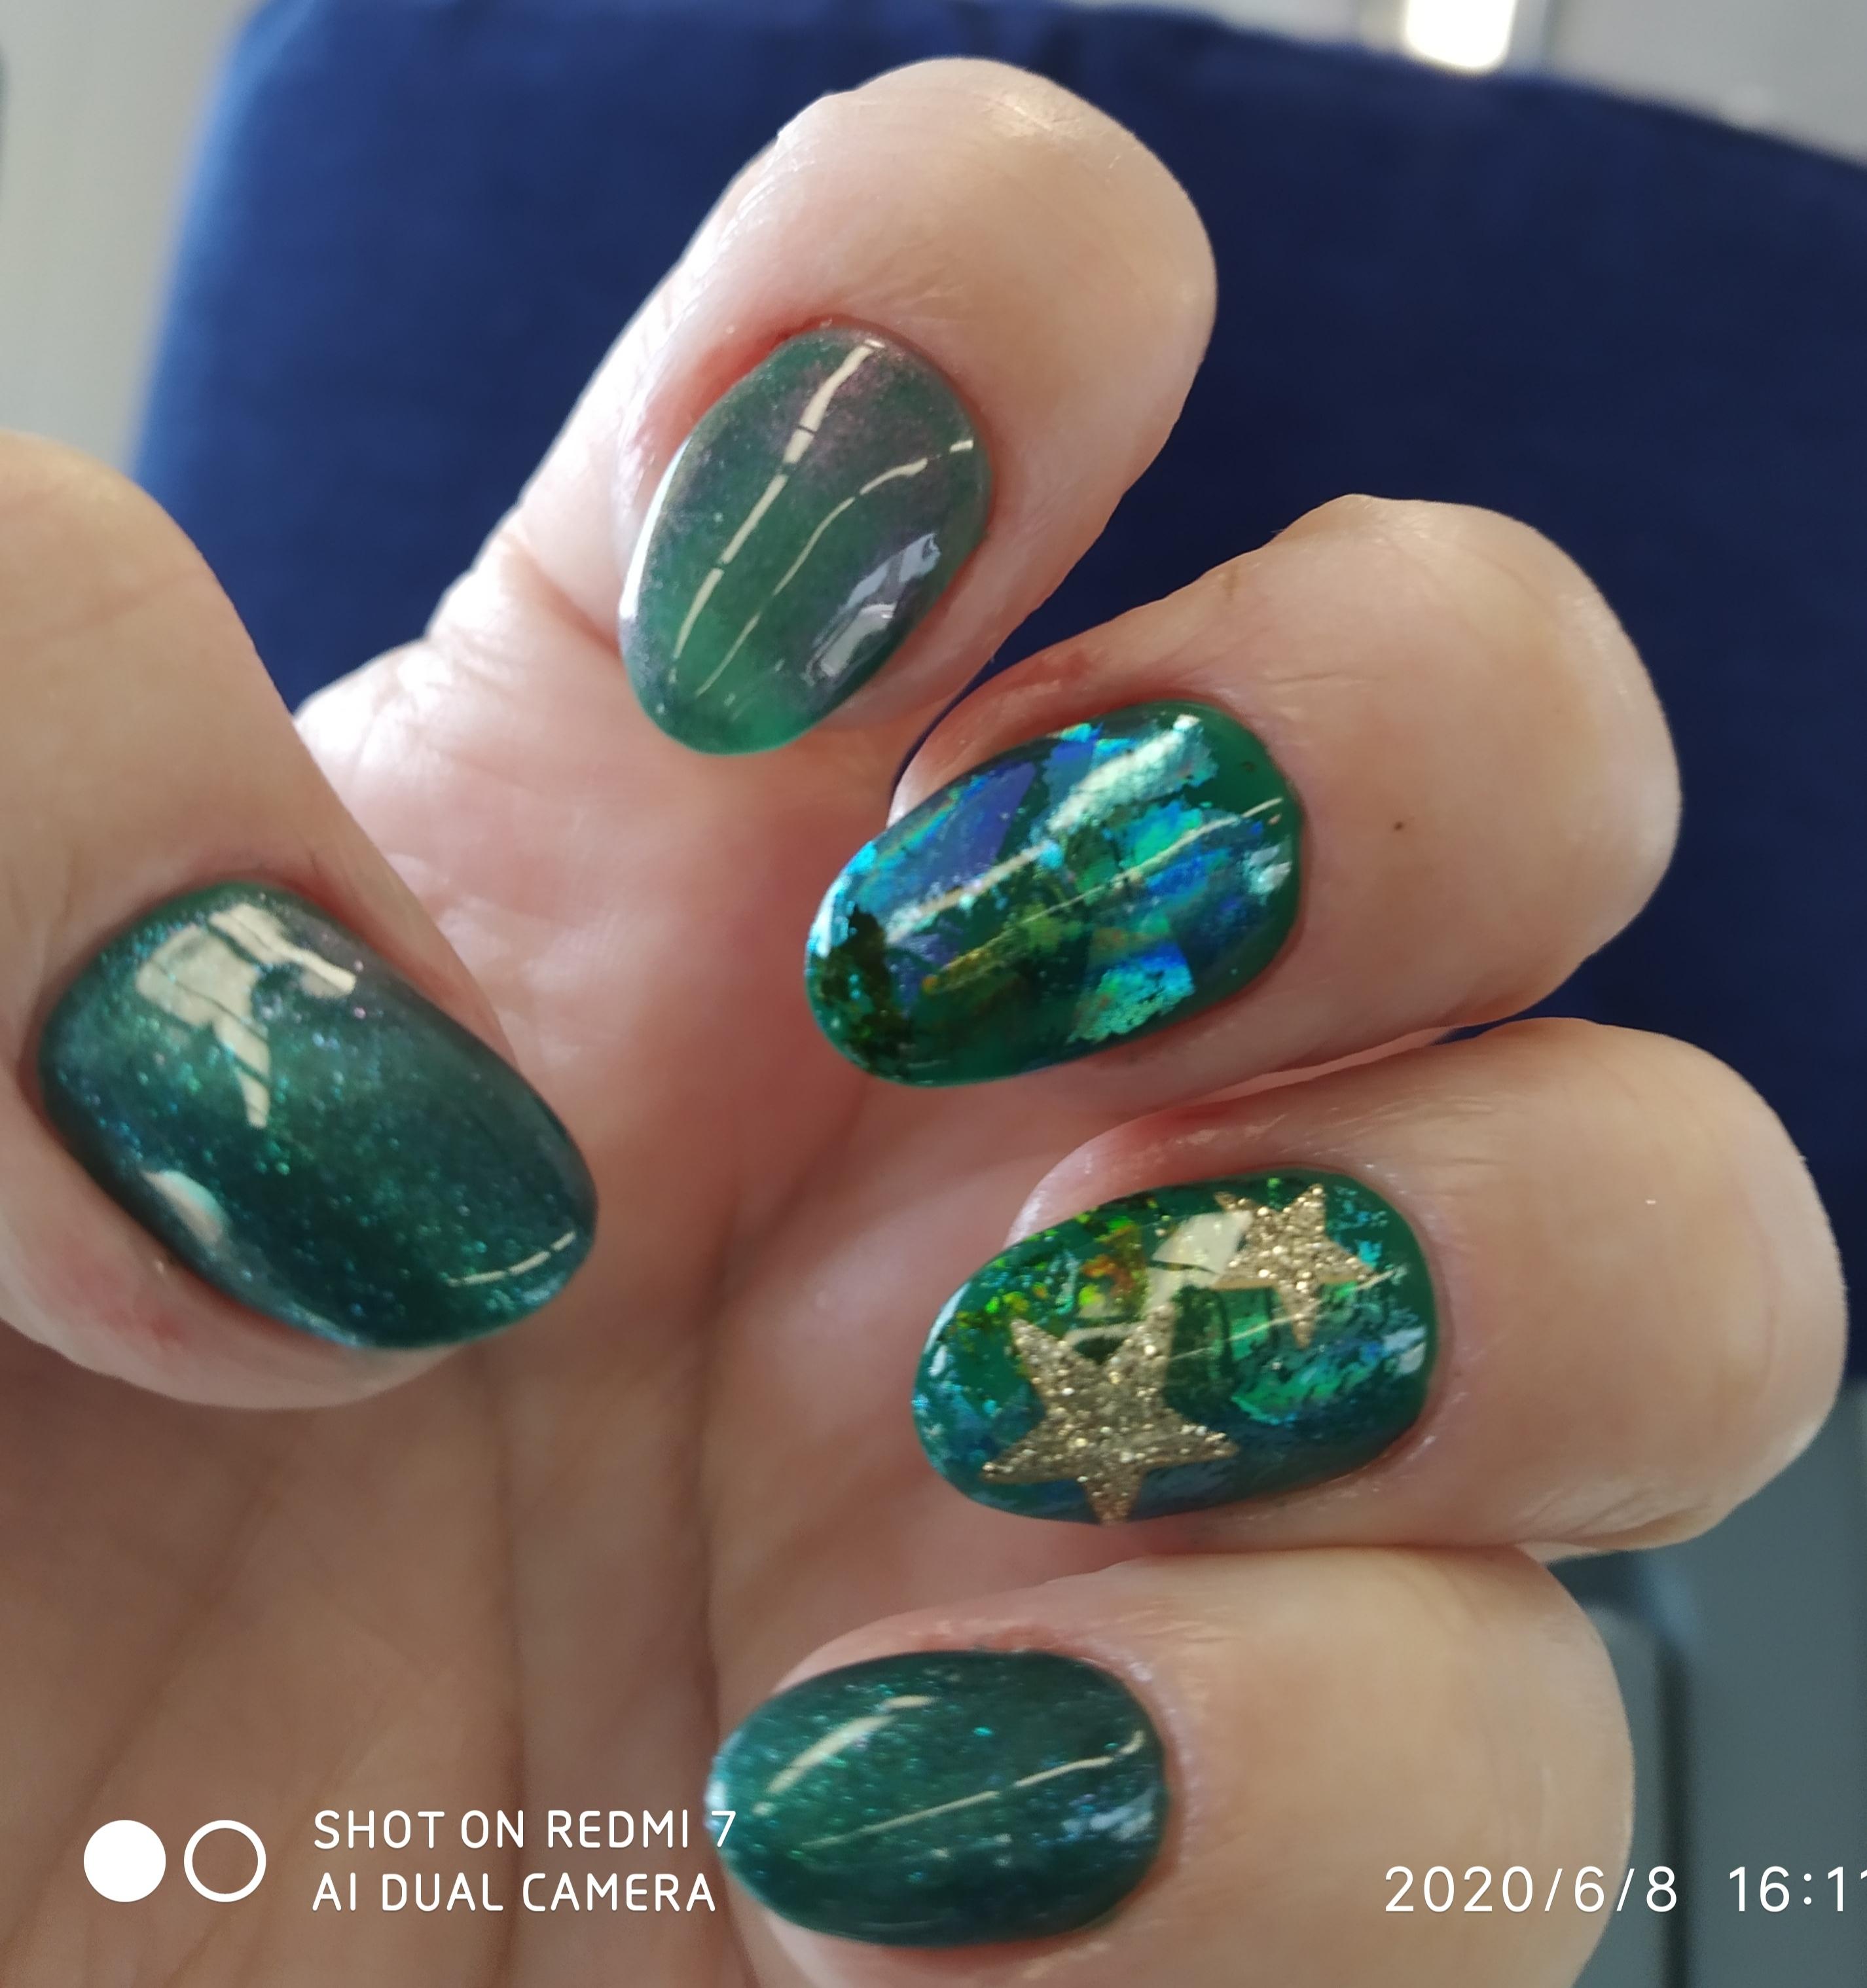 Маникюр с цветной фольгой и блестками в темно-зеленом цвете на короткие ногти.